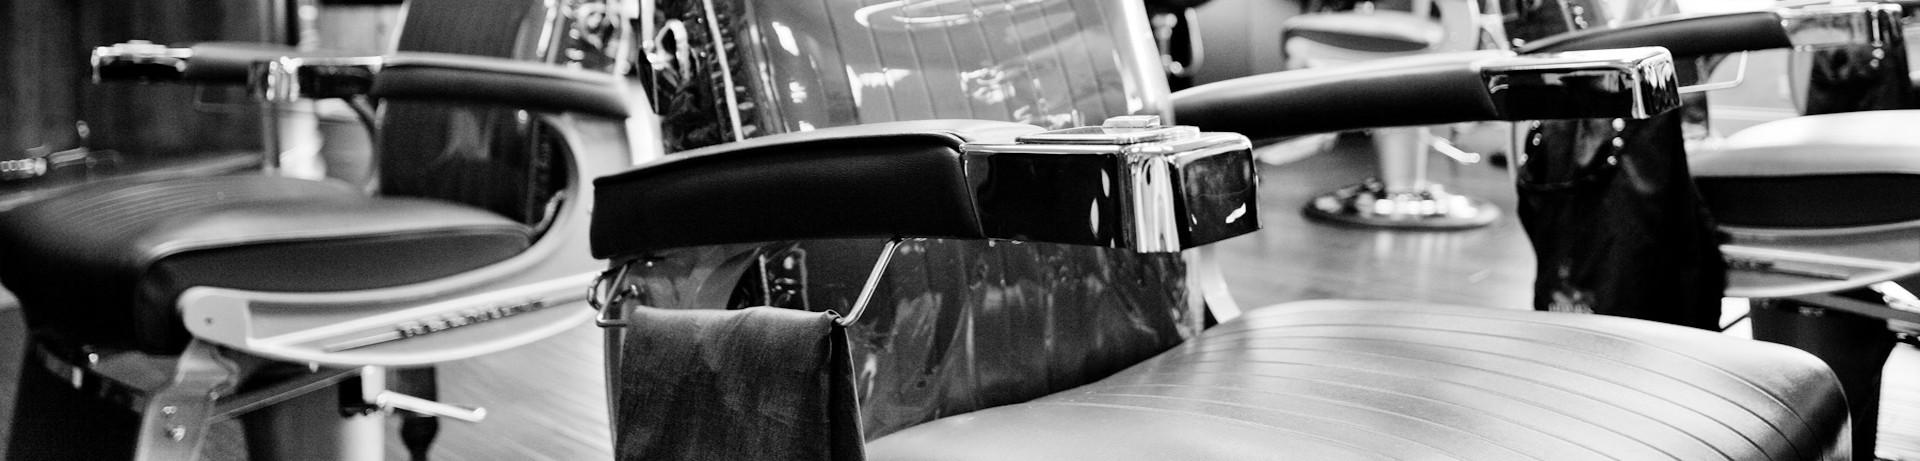 ПРОДАЖА МЕБЕЛИ И ОБОРУДОВАНИЯ ДЛЯ БАРБЕРШОПА (Barbershop)